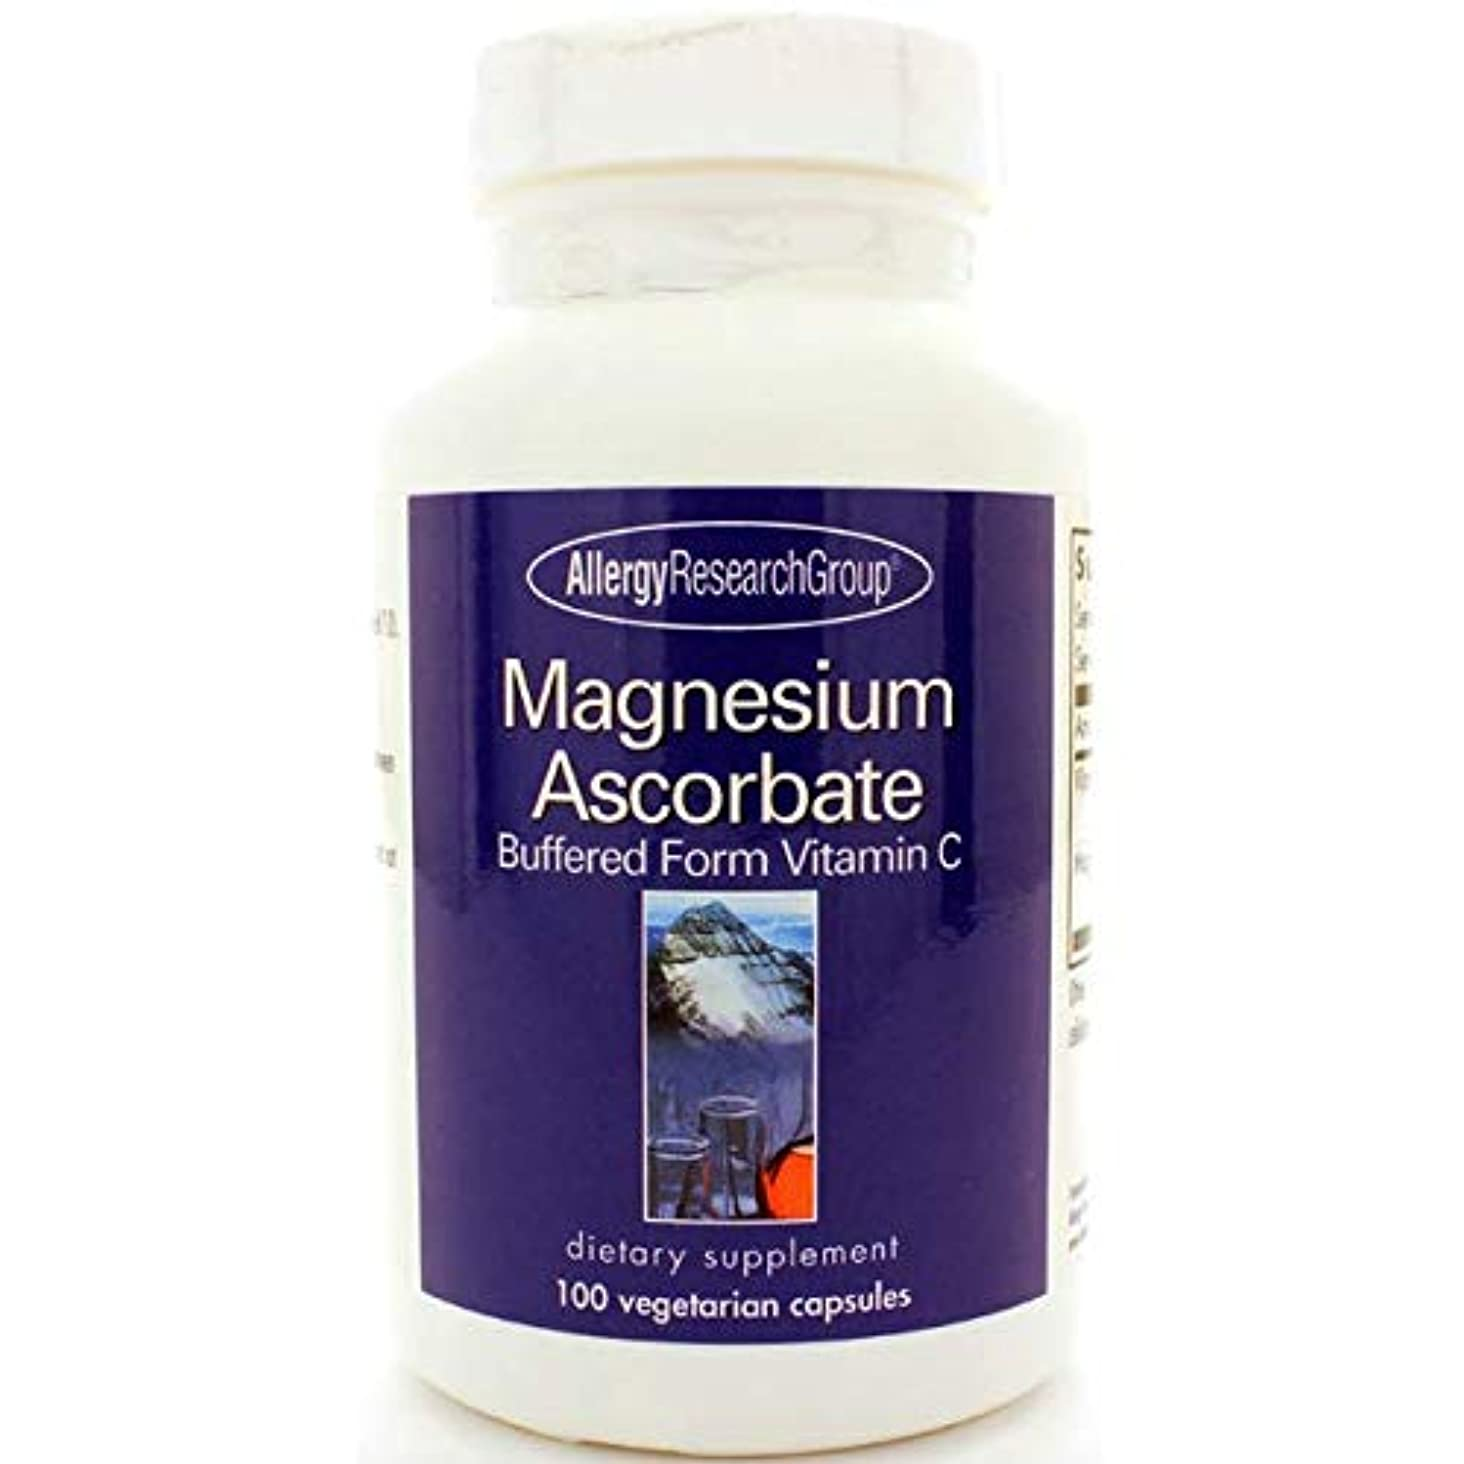 プレゼンテーション実証するスクリーチアスコルビン酸マグネシウム(ビタミンC)100カプセル[海外直送品]